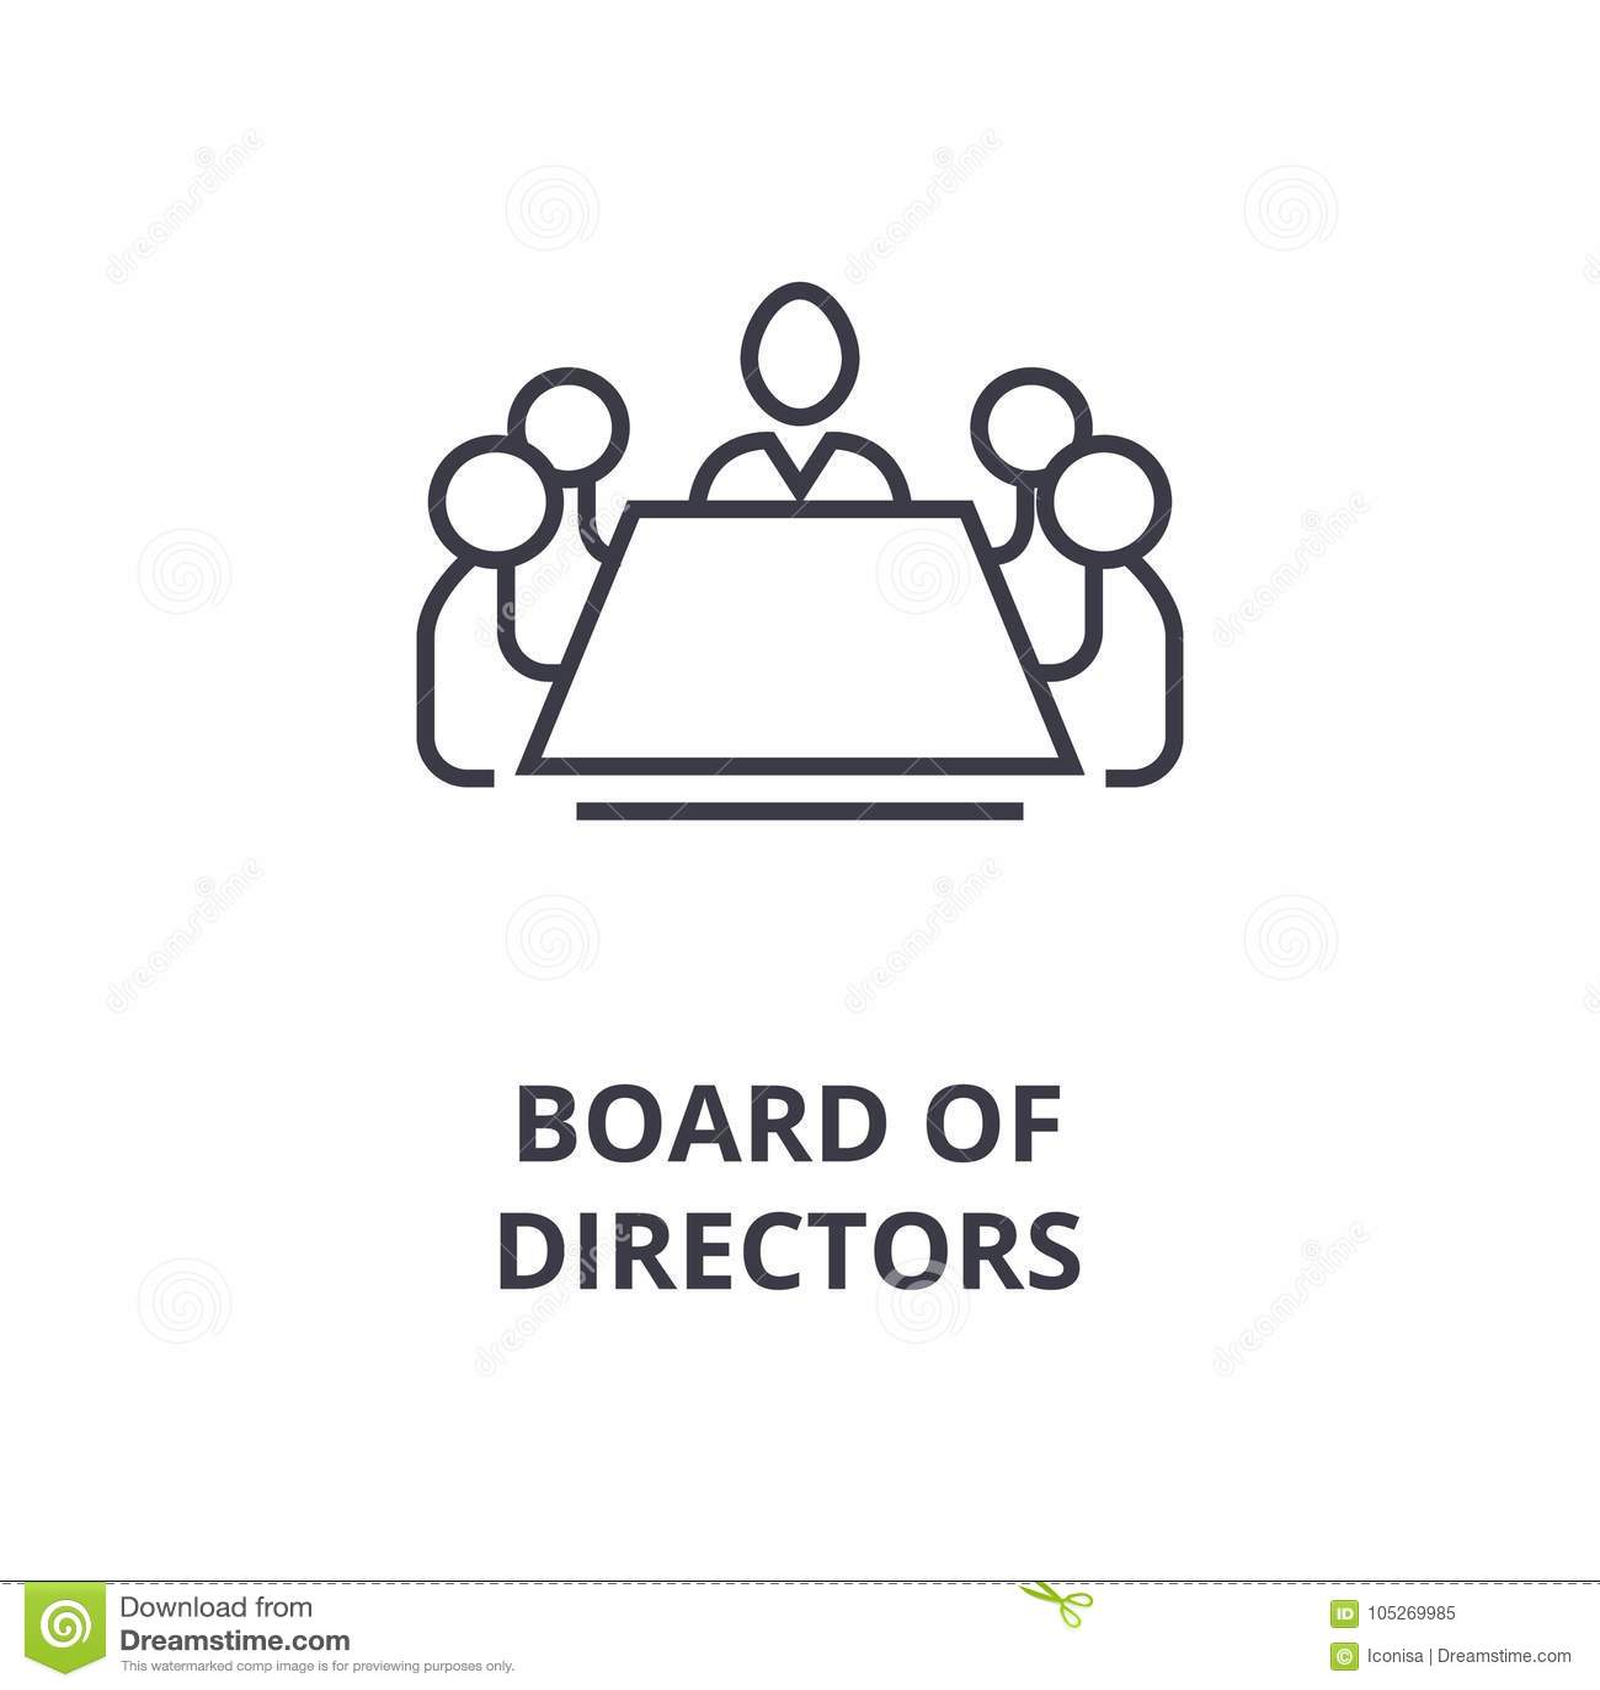 directors cartoons  illustrations  u0026 vector stock images